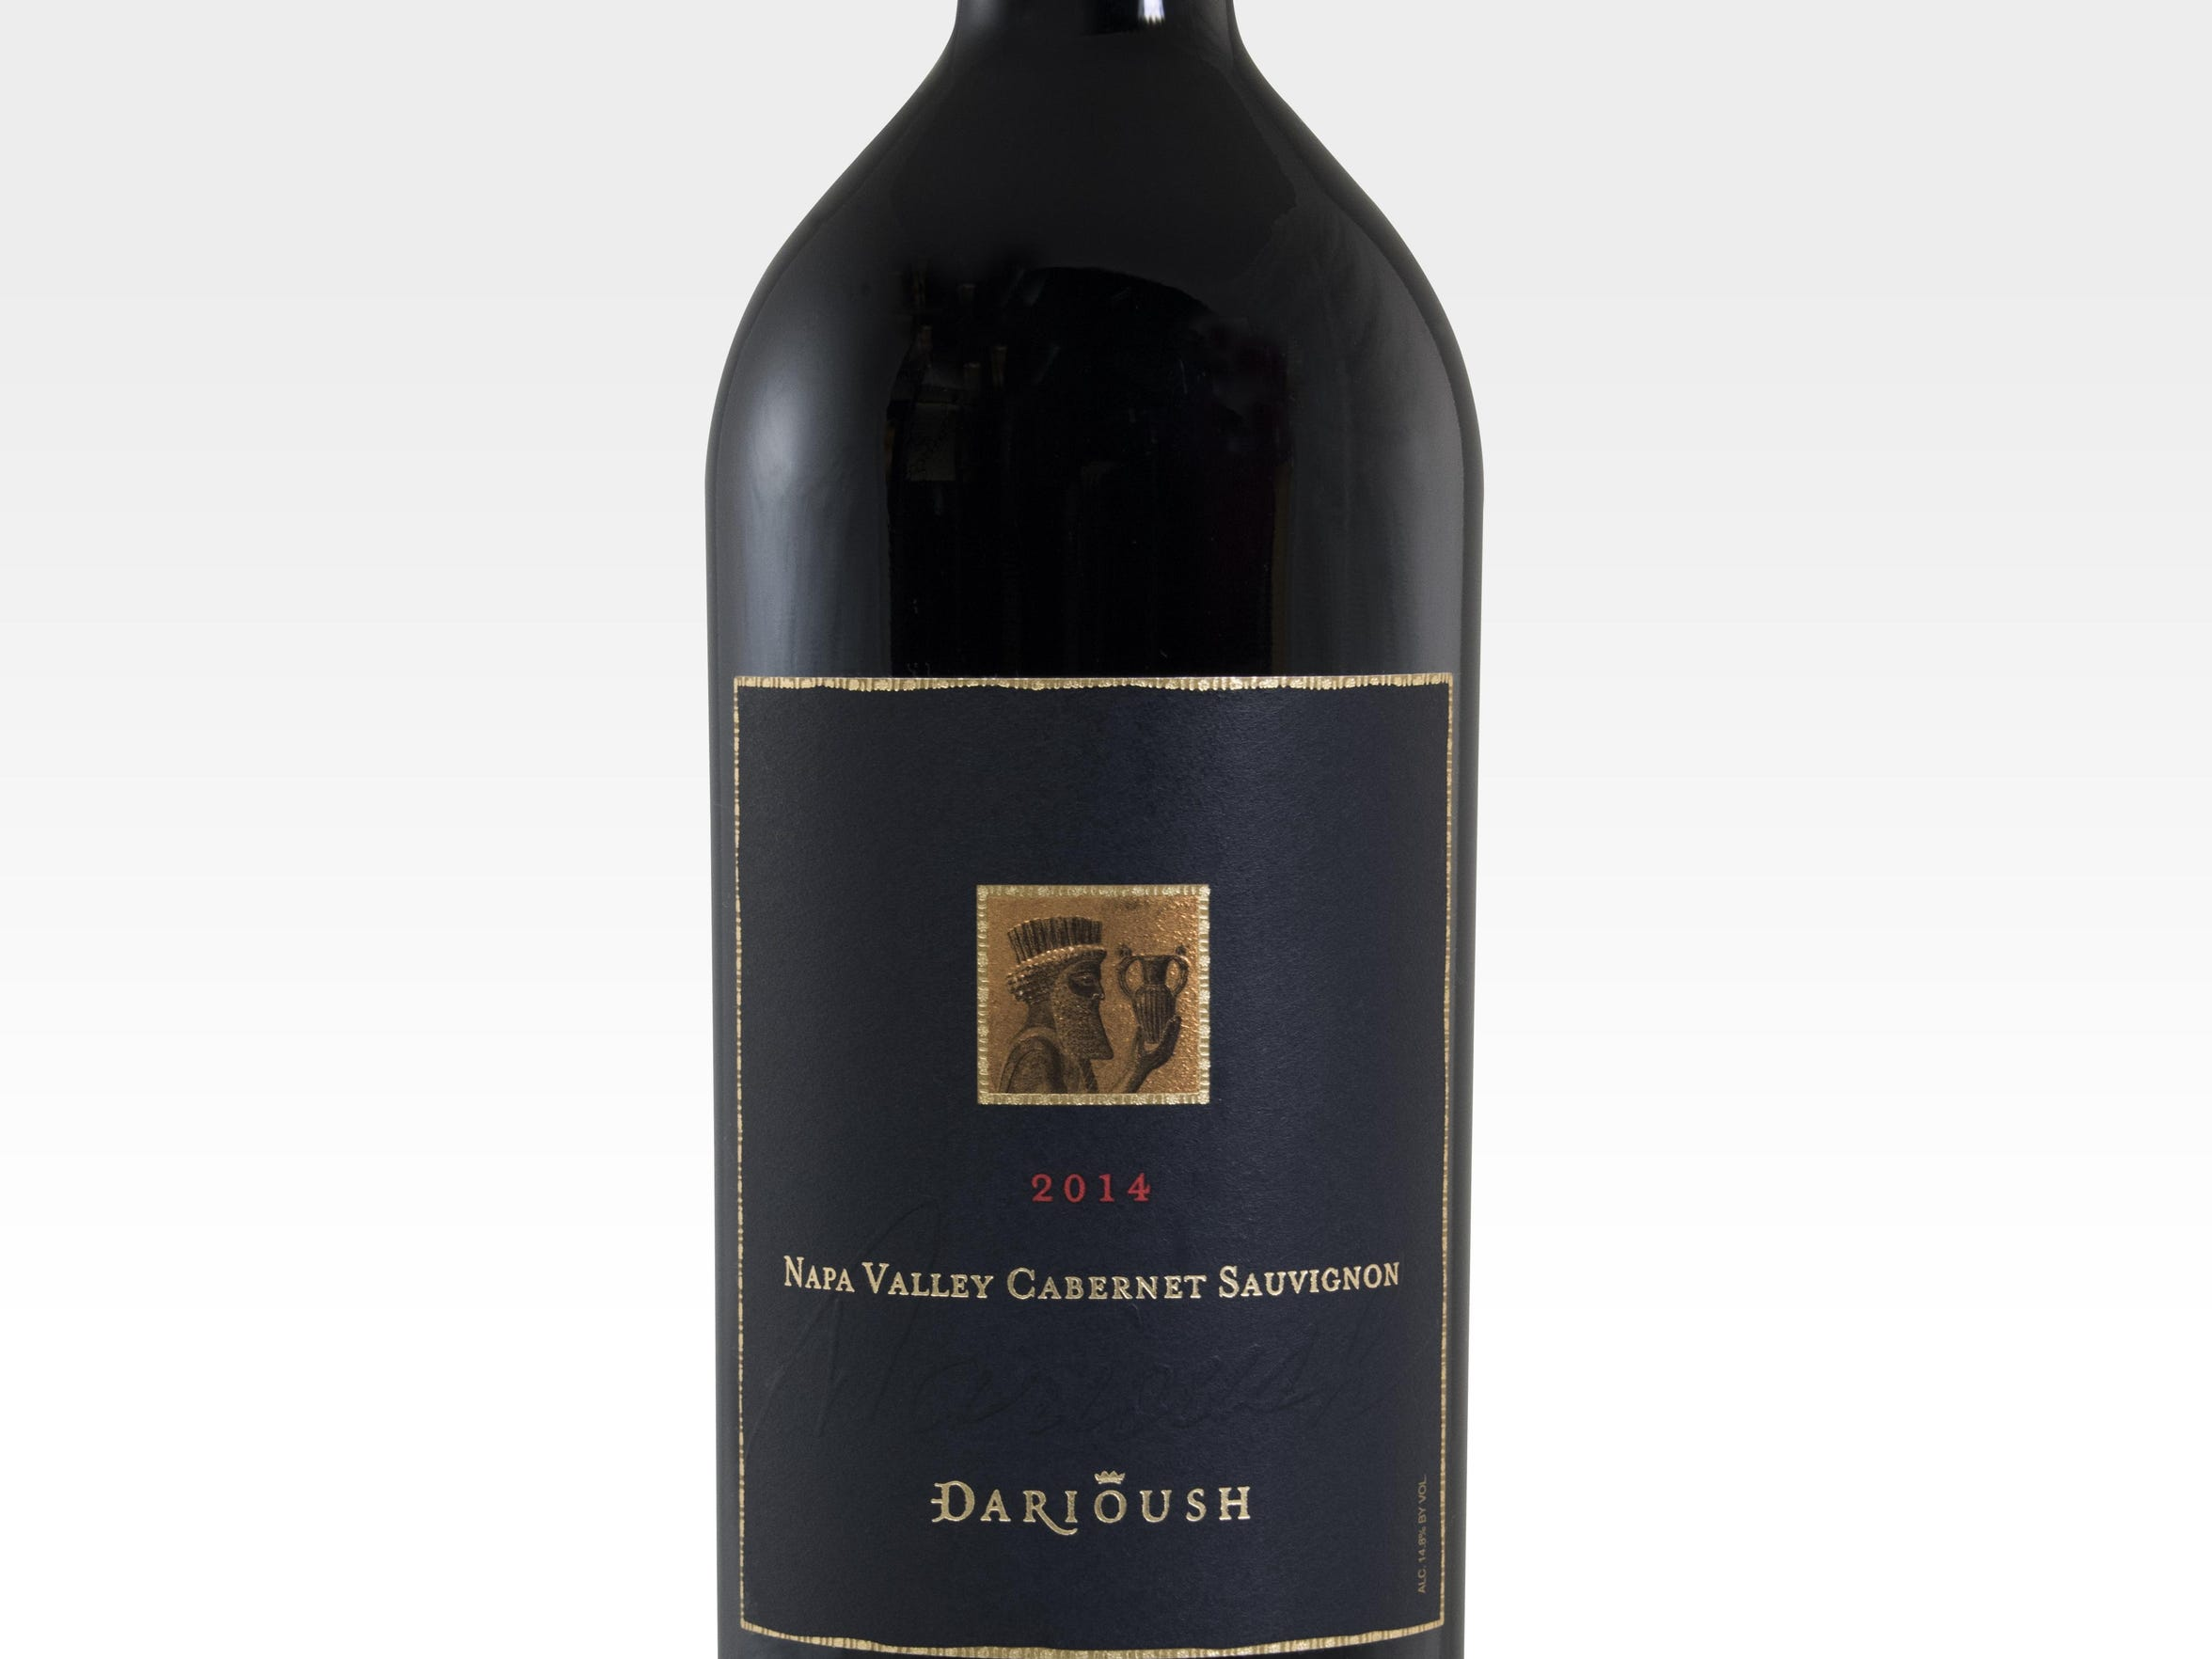 The '14 Darioush Napa Valley cabernet sauvignon is